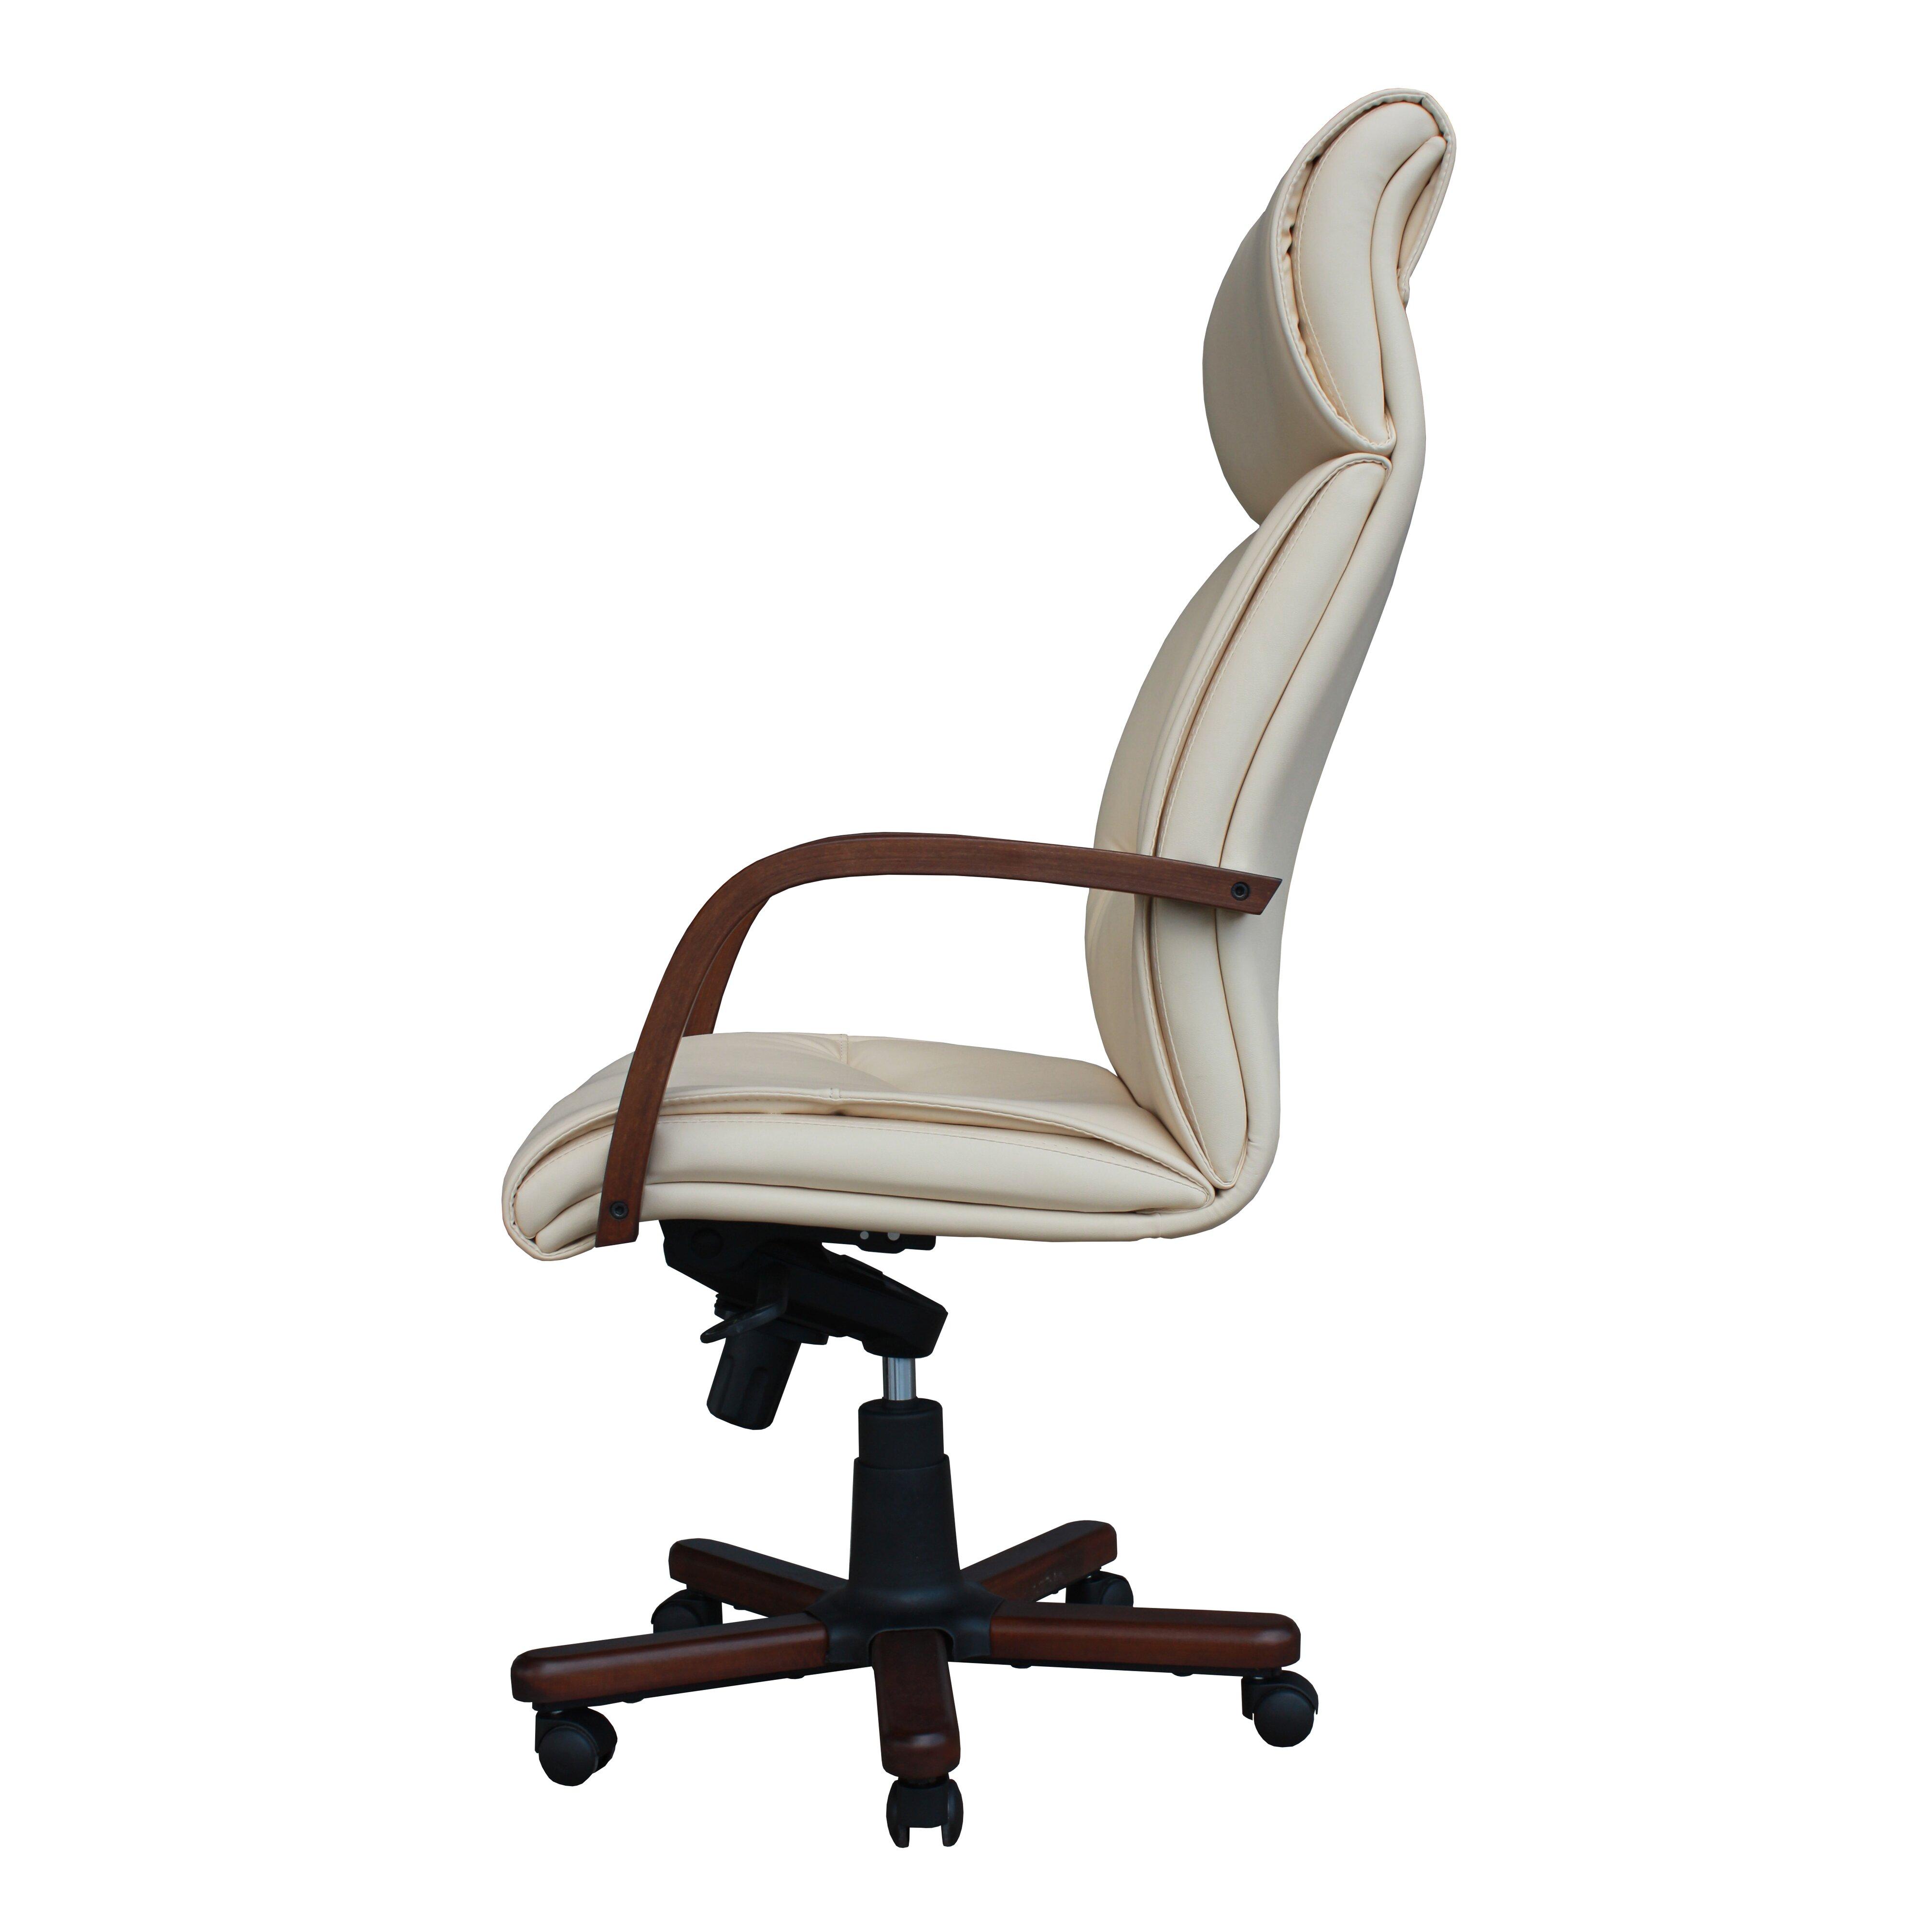 office chair edmonton chair edmonton